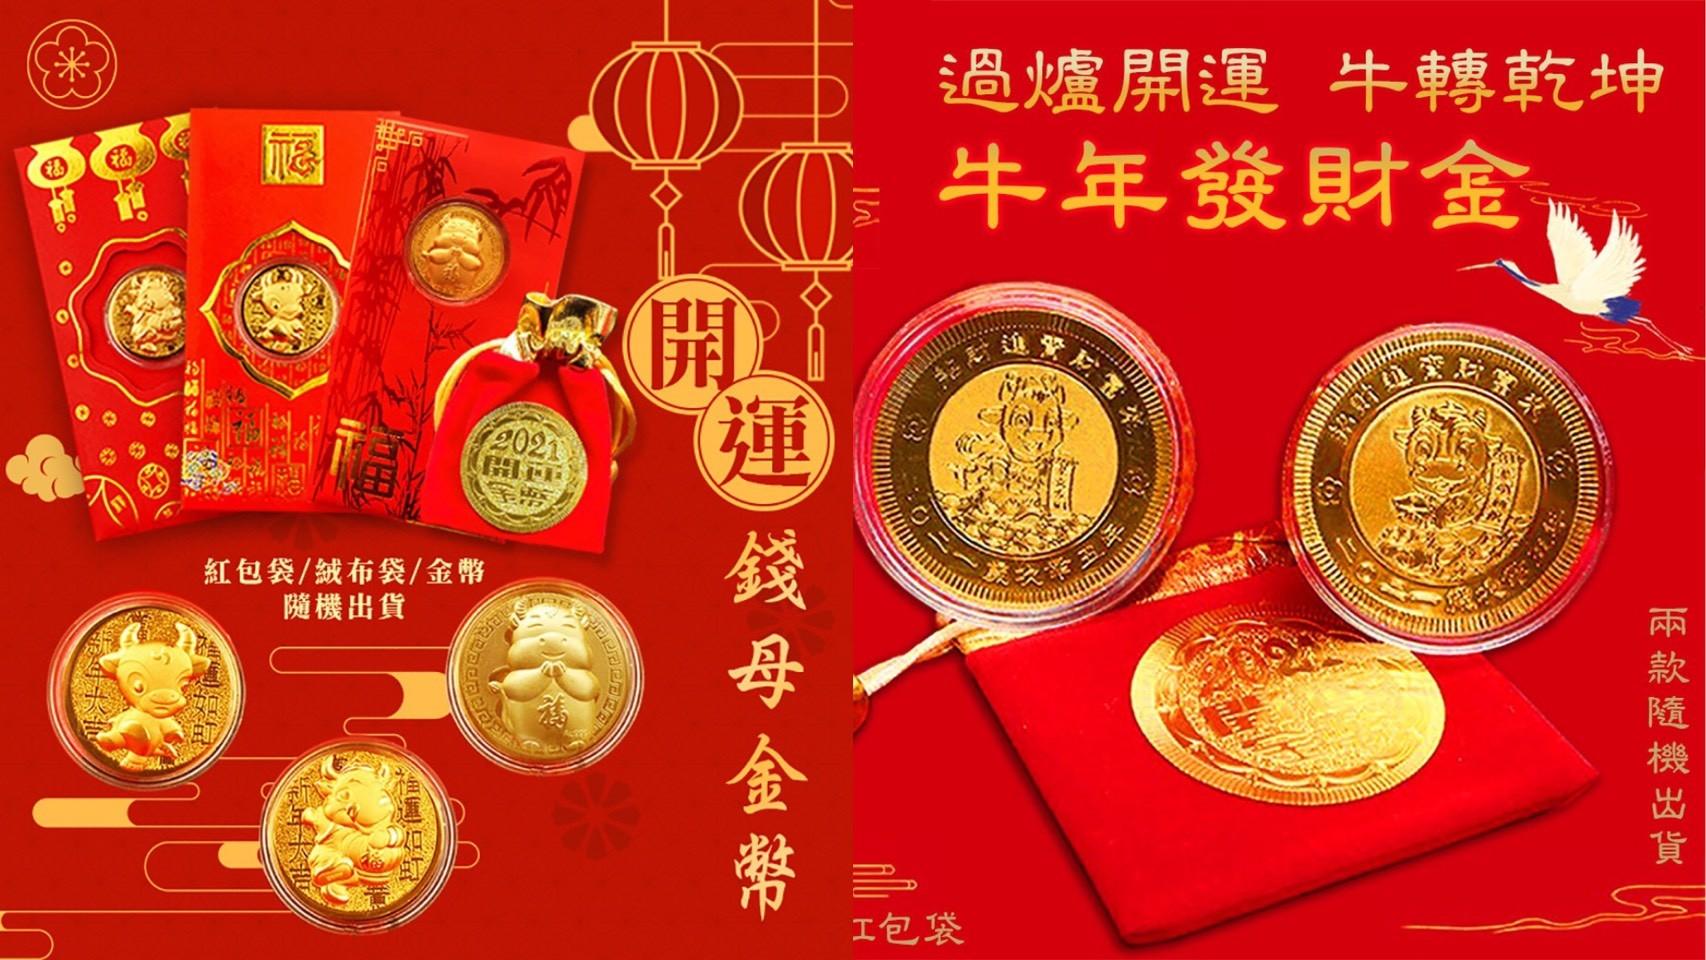 經濟學,拜拜,紫南宮,信仰,信徒,宮廟,還金,錢母,發財金,心理學,台灣社會